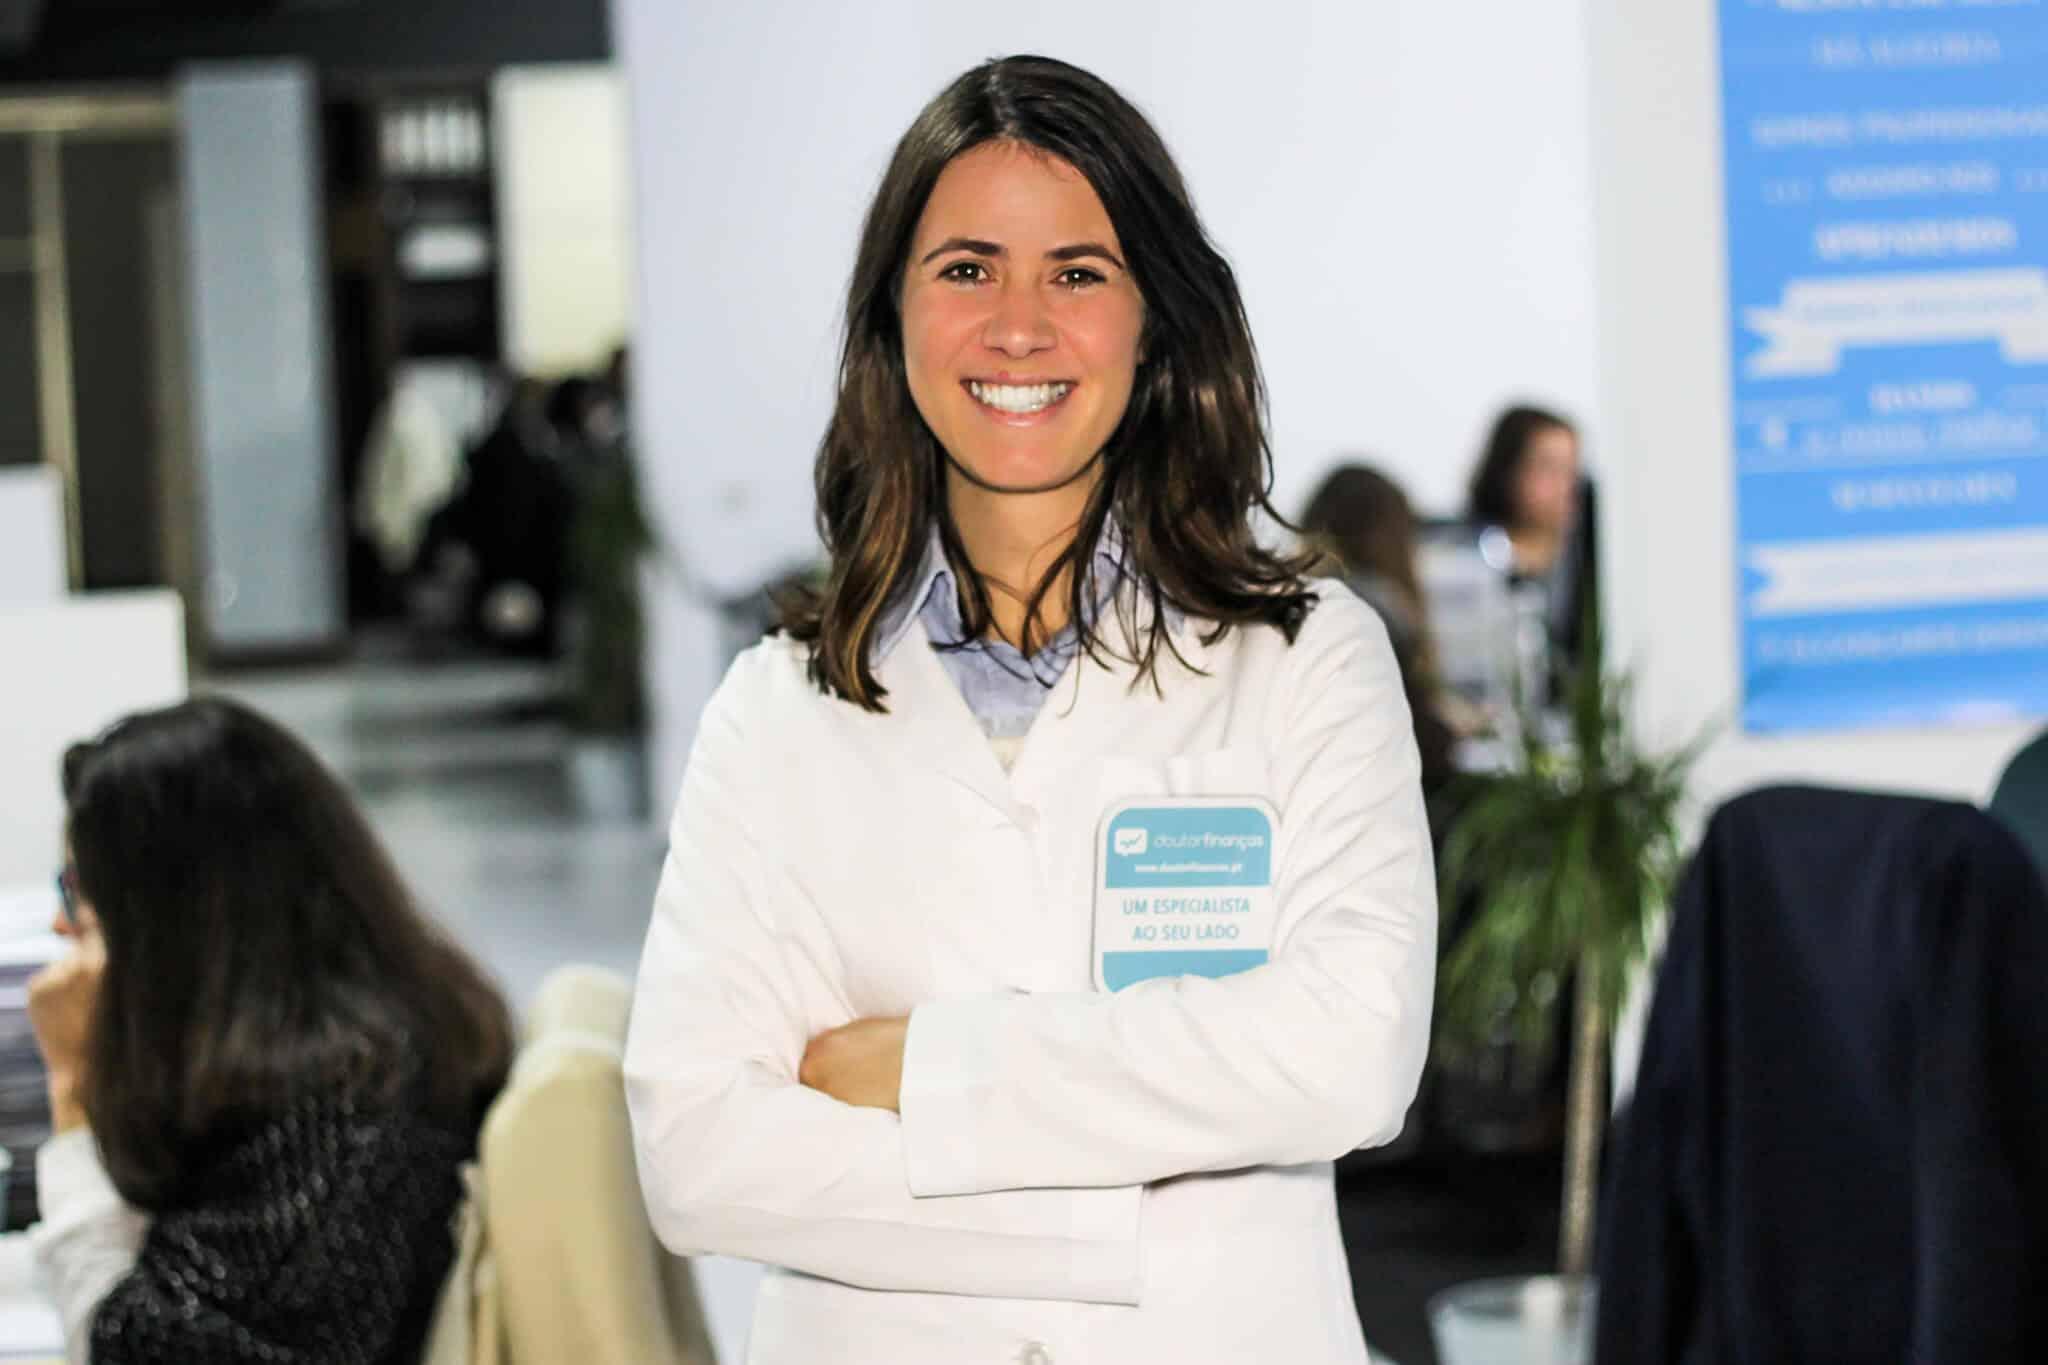 Conheça a Responsável pela primeira Clínica Doutor Finanças, Patrícia Saraiva